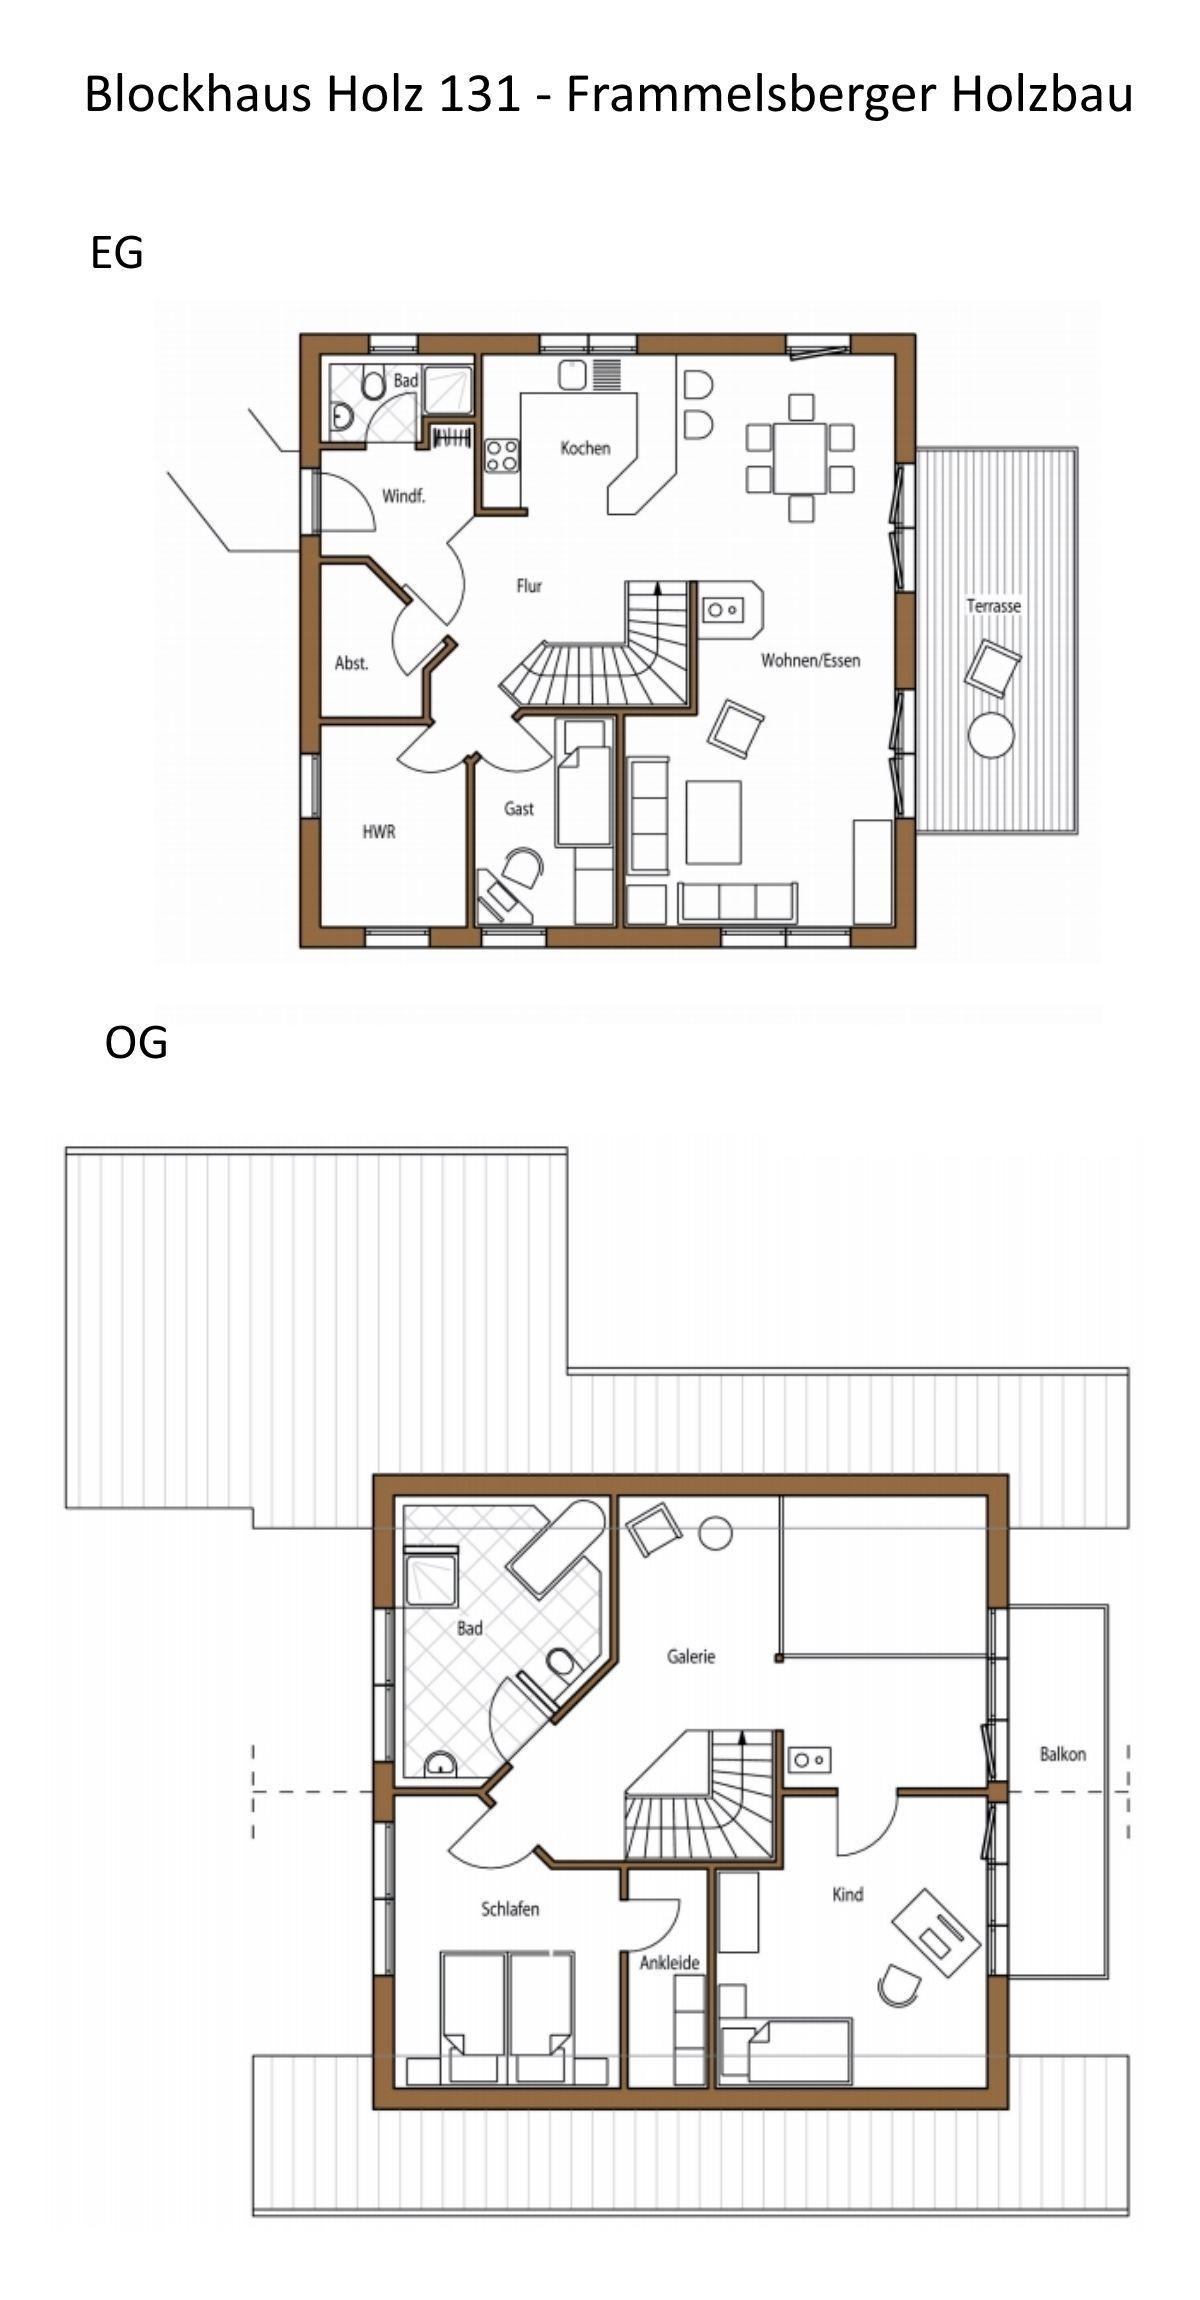 Grundriss Einfamilienhaus Mit Satteldach Architektur Galerie 130